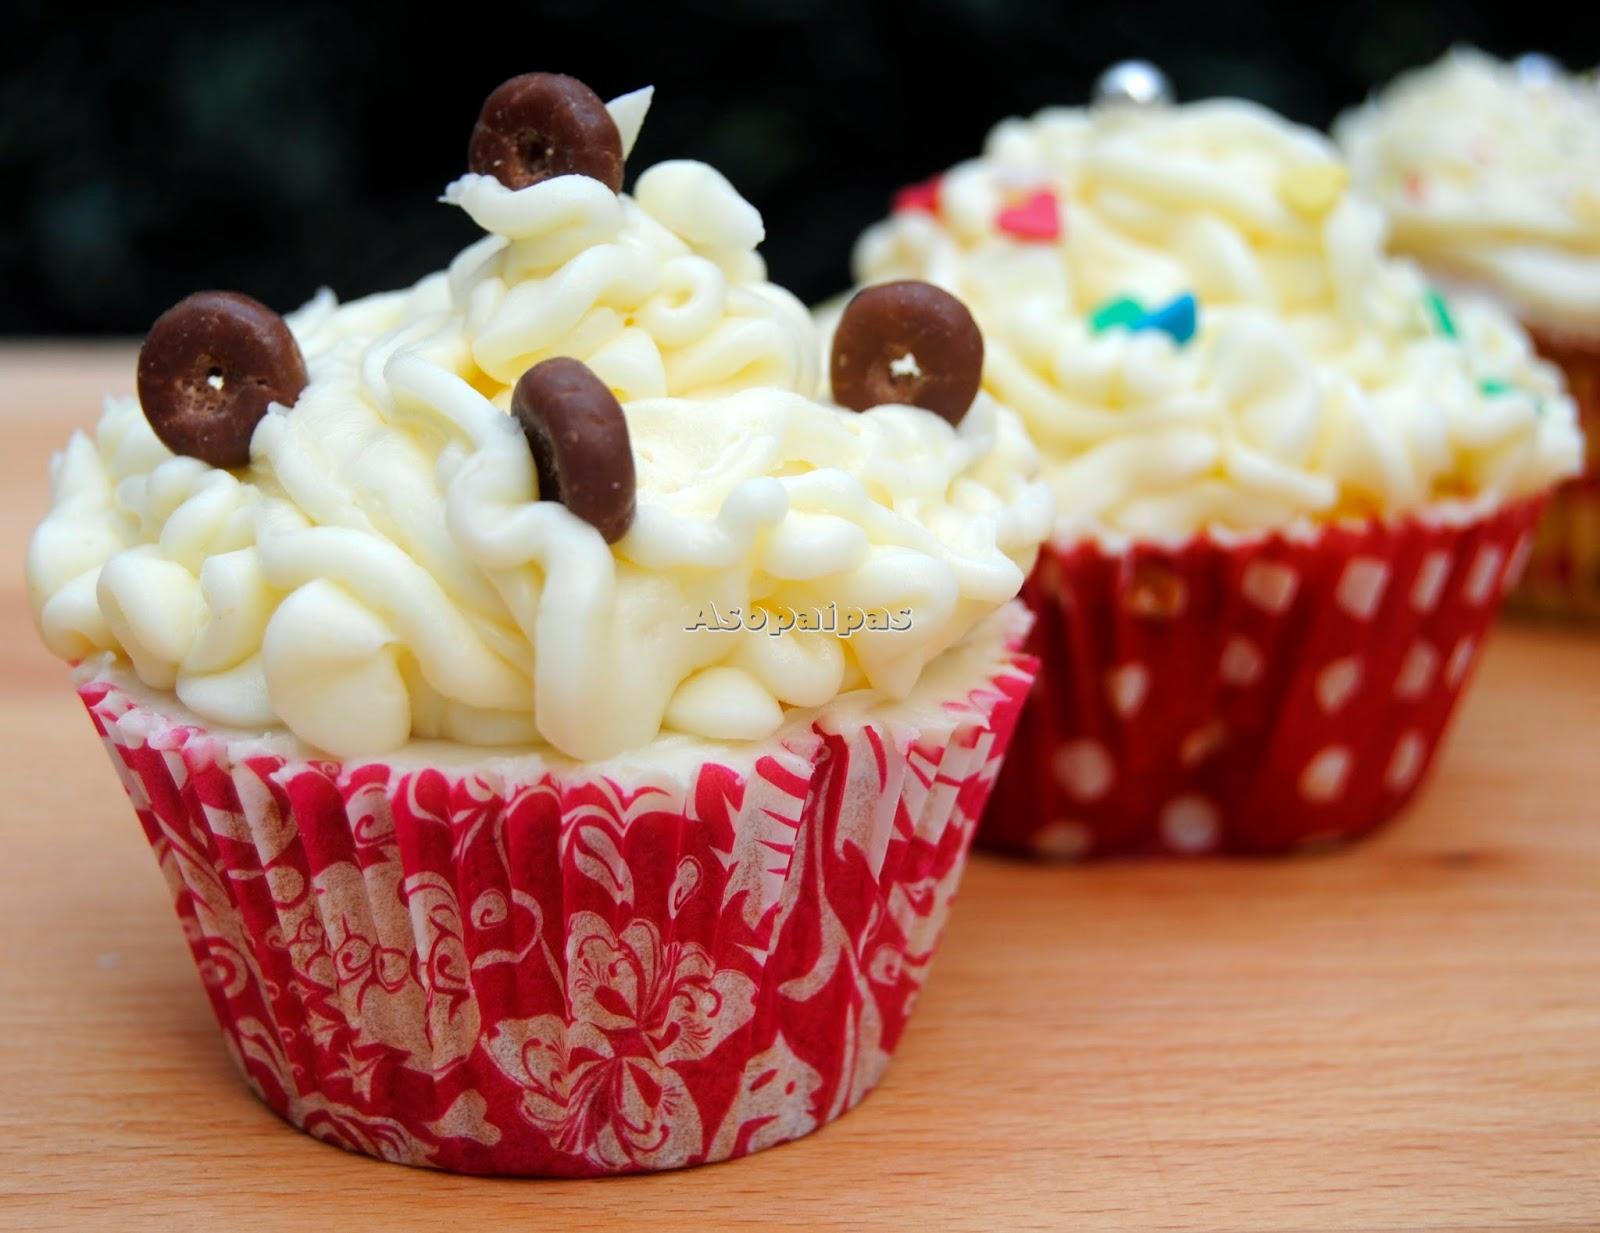 http://www.asopaipas.com/2014/04/cupcakes-de-chocolate-blanco.html